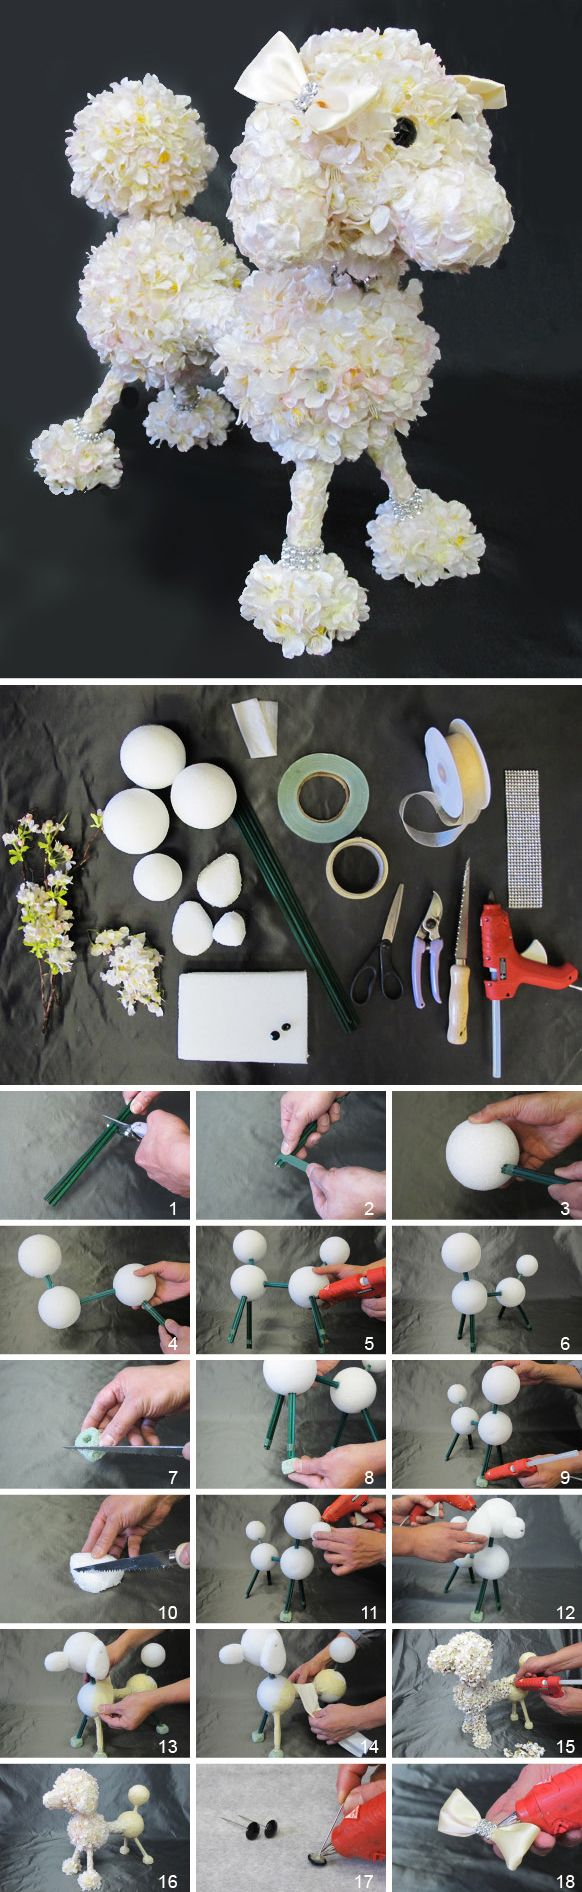 Tutorial de Como hacer la escultura de un caniche con flores. #ManualidadesParaFiestas